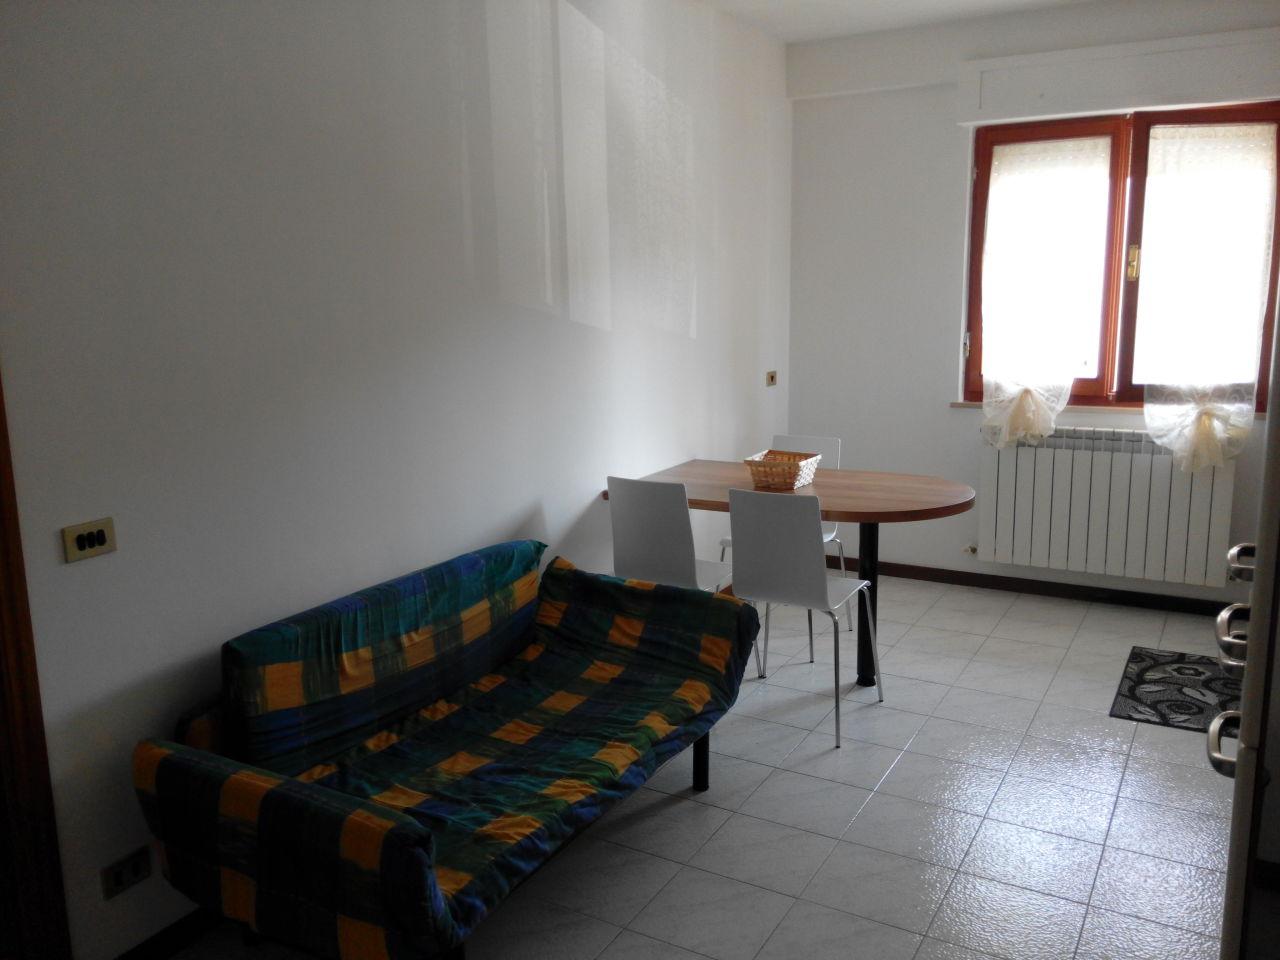 Appartamento in affitto a Ascoli Piceno, 9999 locali, zona Località: P.taCappuccina, prezzo € 330 | Cambio Casa.it